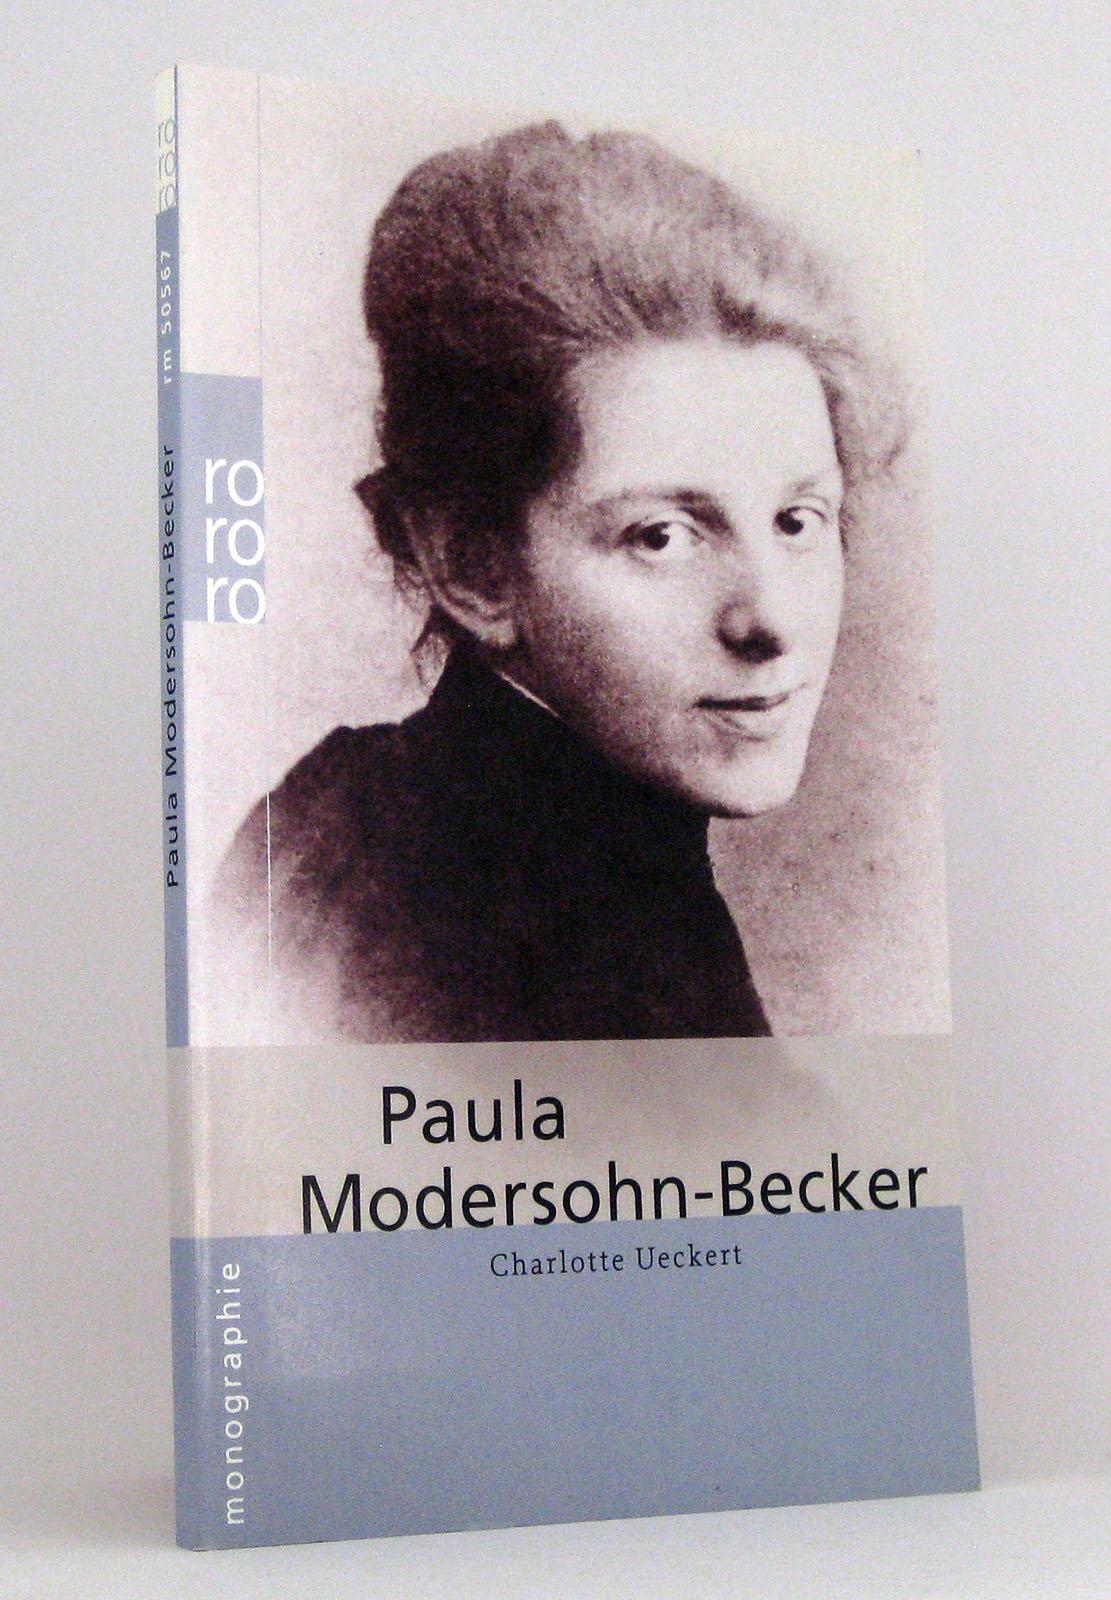 Paula Modersohn-Becker : Dargestellt von Charlotte Ueckert : (Reihe: Rowohlts Monographien) - Ueckert, Charlotte